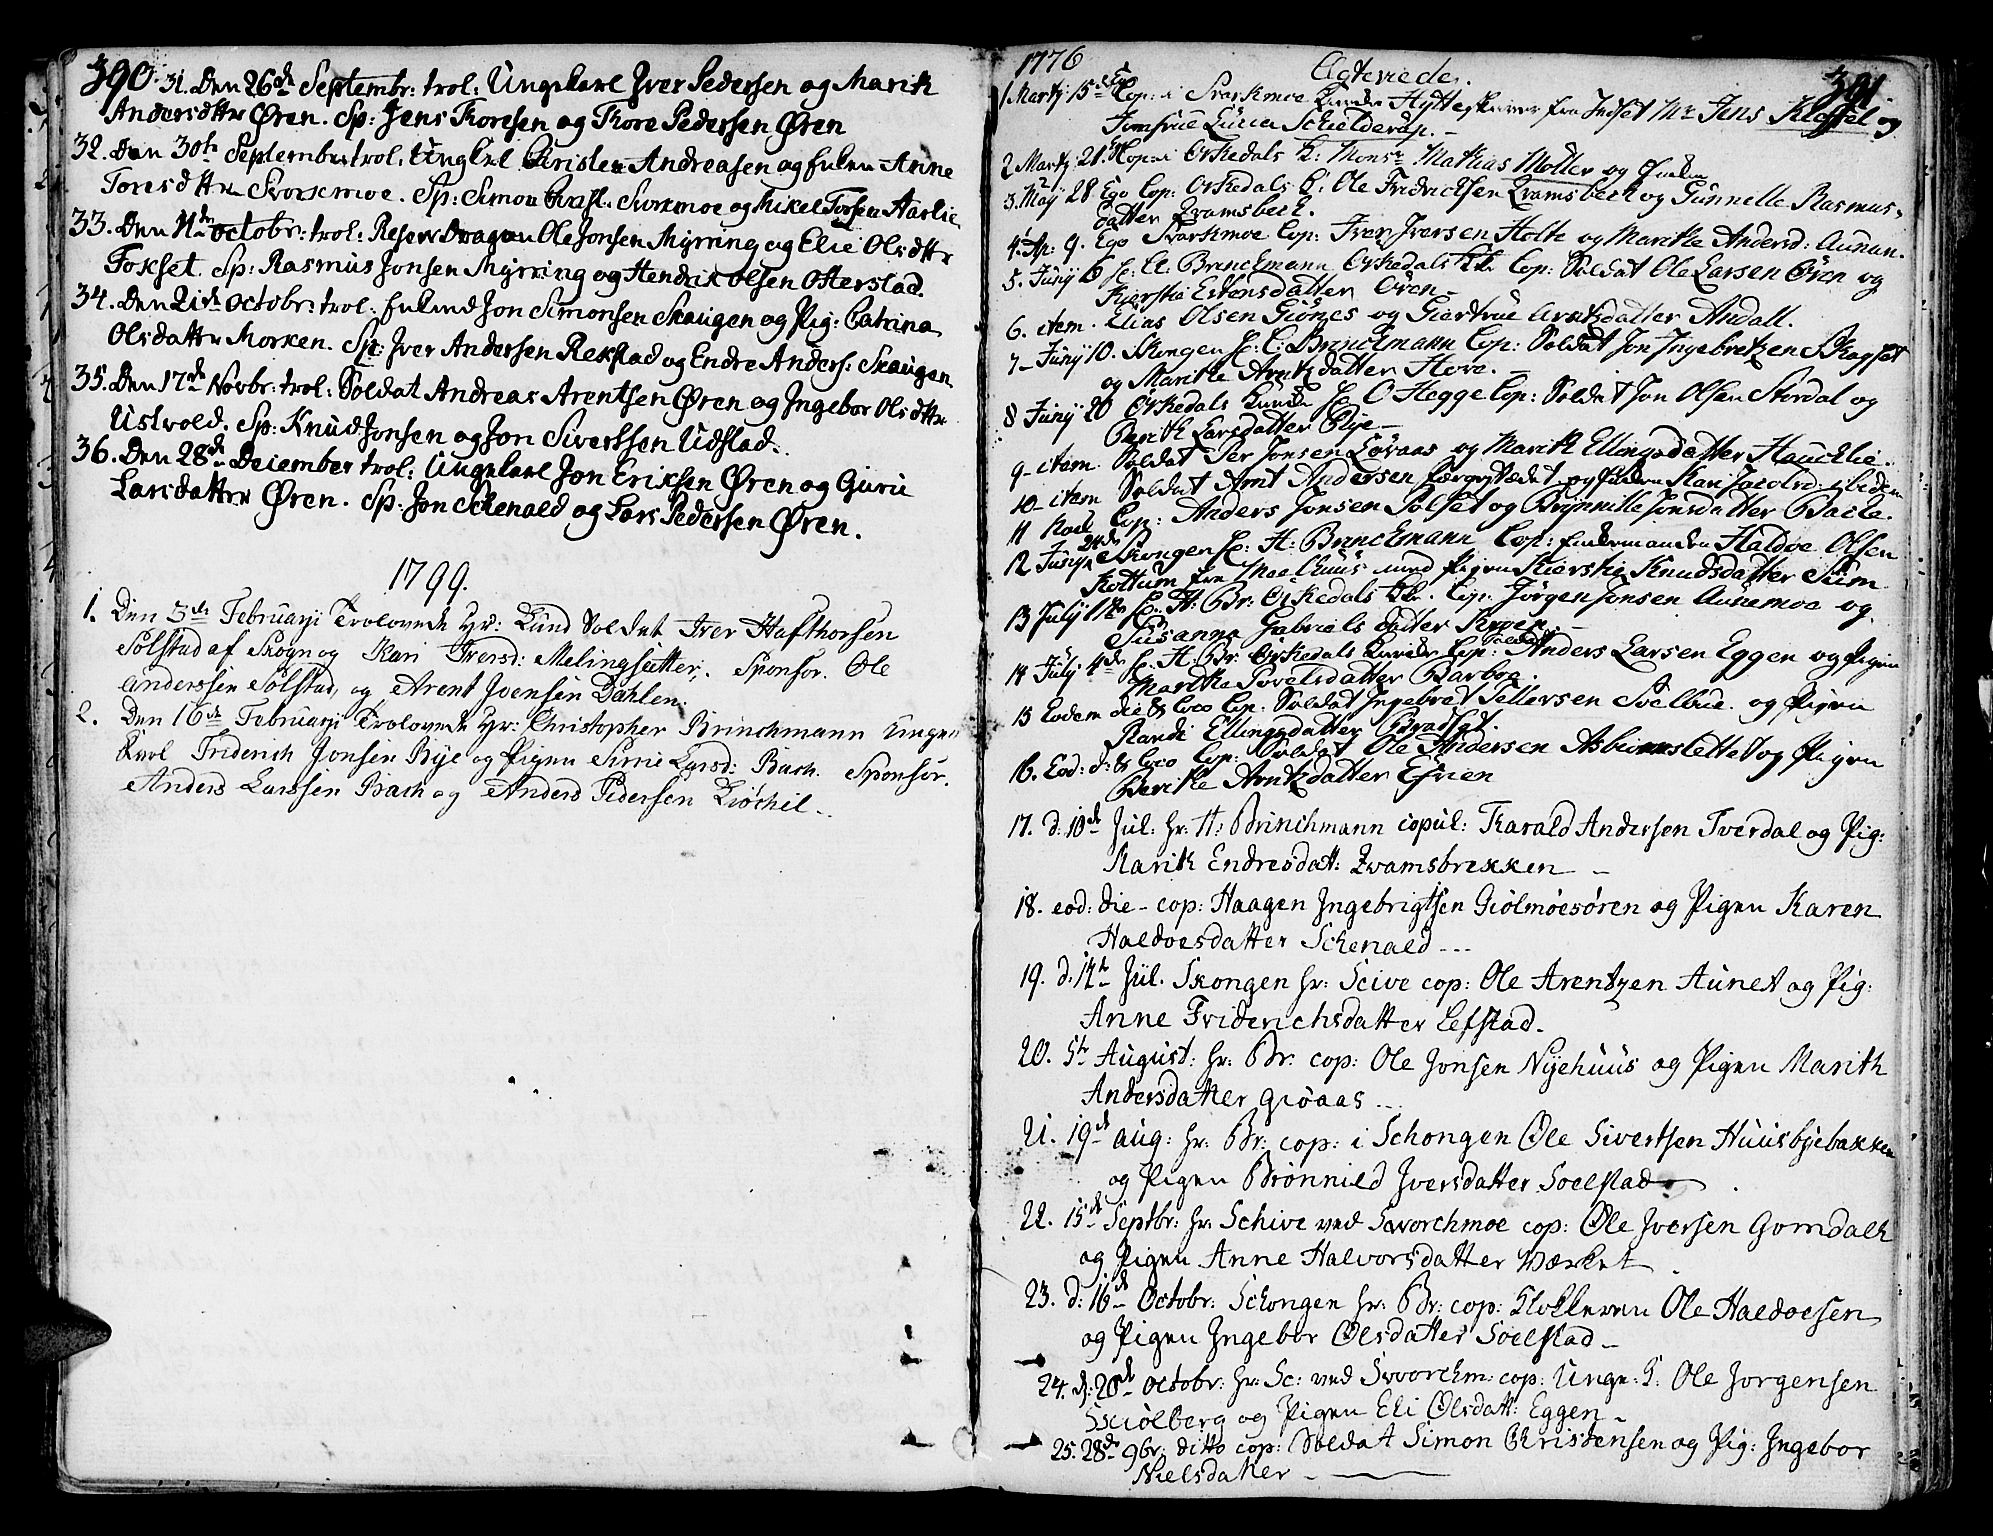 SAT, Ministerialprotokoller, klokkerbøker og fødselsregistre - Sør-Trøndelag, 668/L0802: Ministerialbok nr. 668A02, 1776-1799, s. 390-391